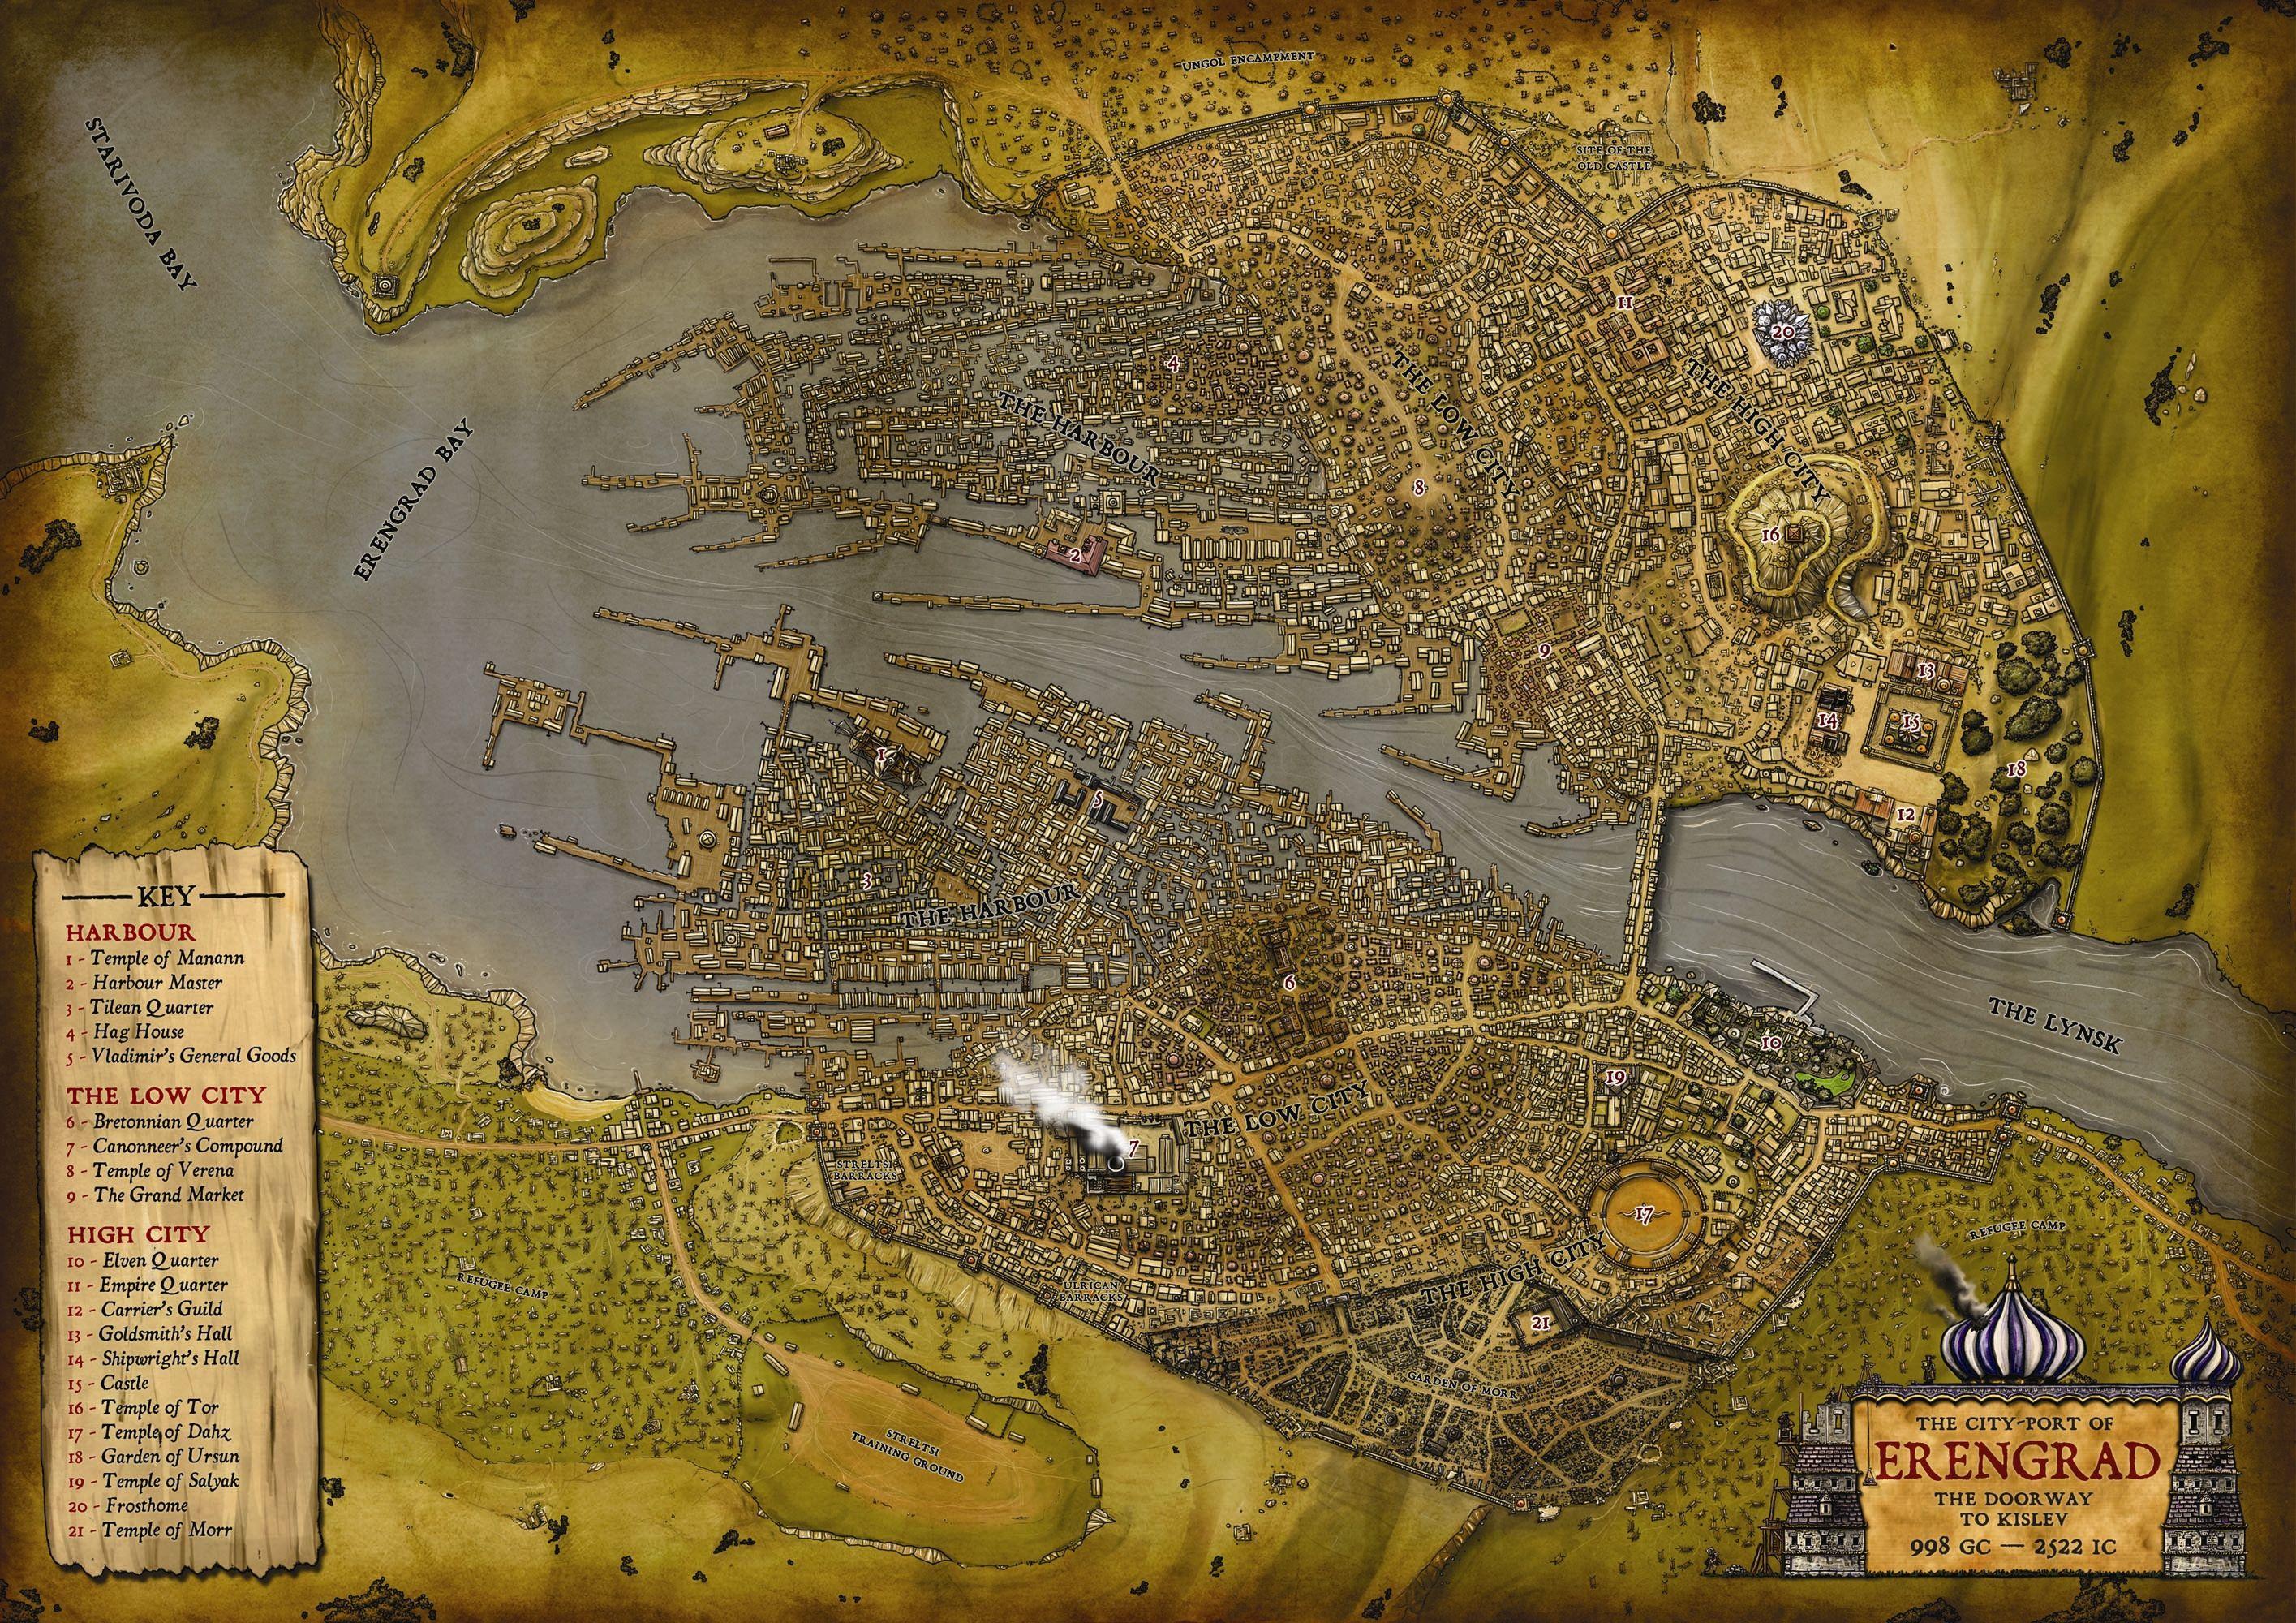 Warhammer Lizardman City Google Search Fantasie Karte Karten